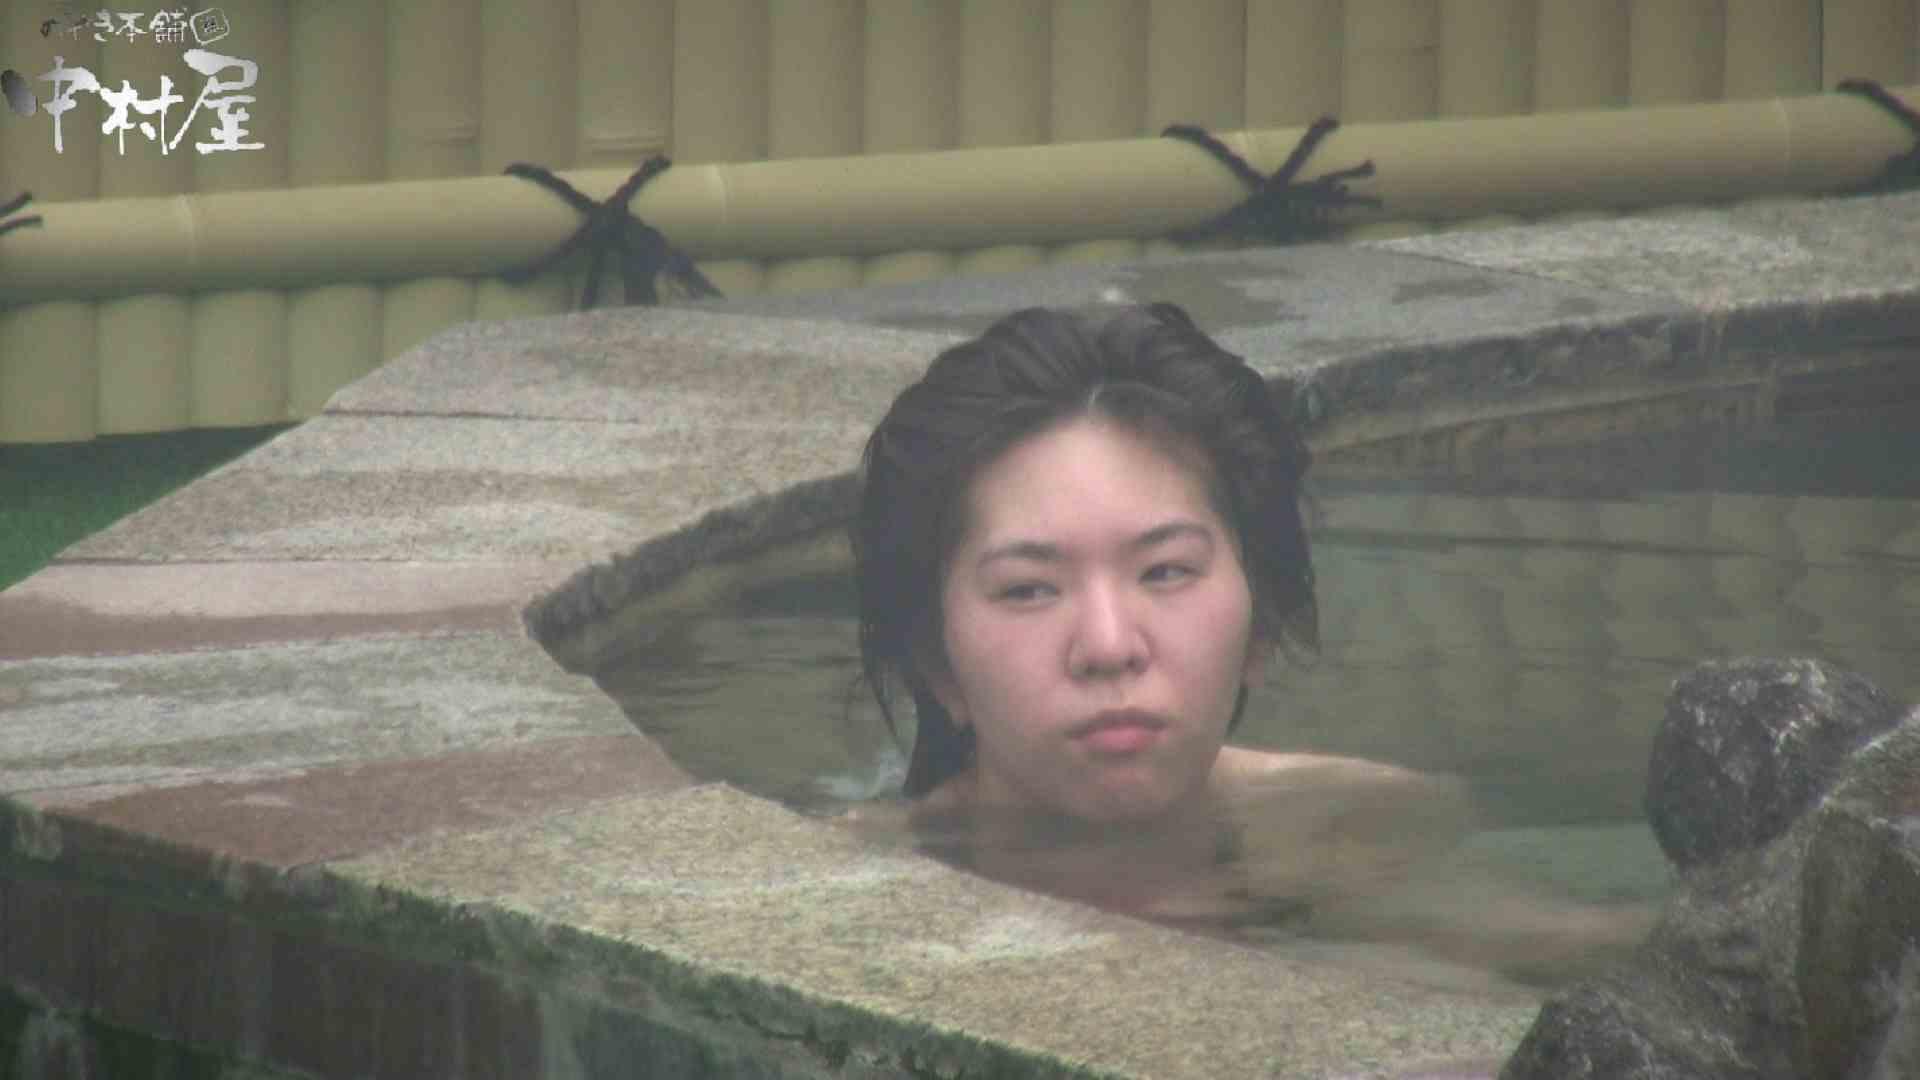 Aquaな露天風呂Vol.907 盗撮   OLのエロ生活  62連発 7